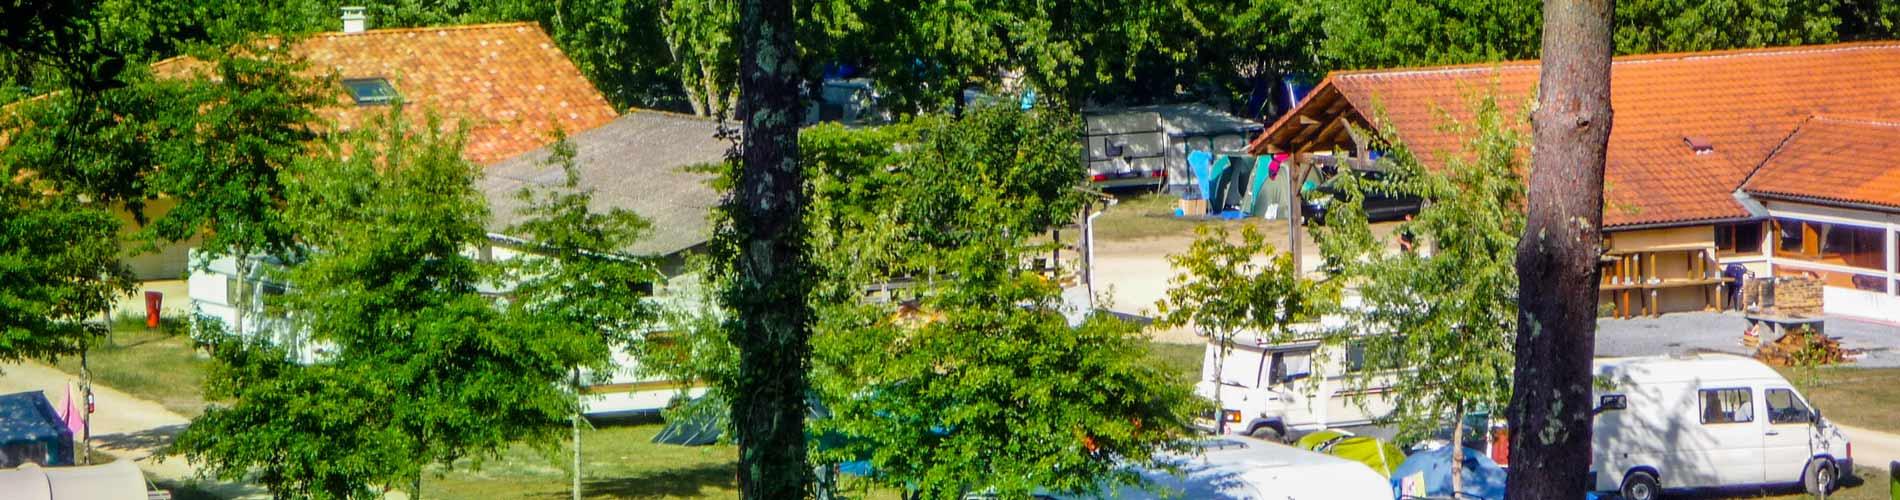 Pr sentation camping vielle saint girons vacances dans for Camping dans les landes avec piscine